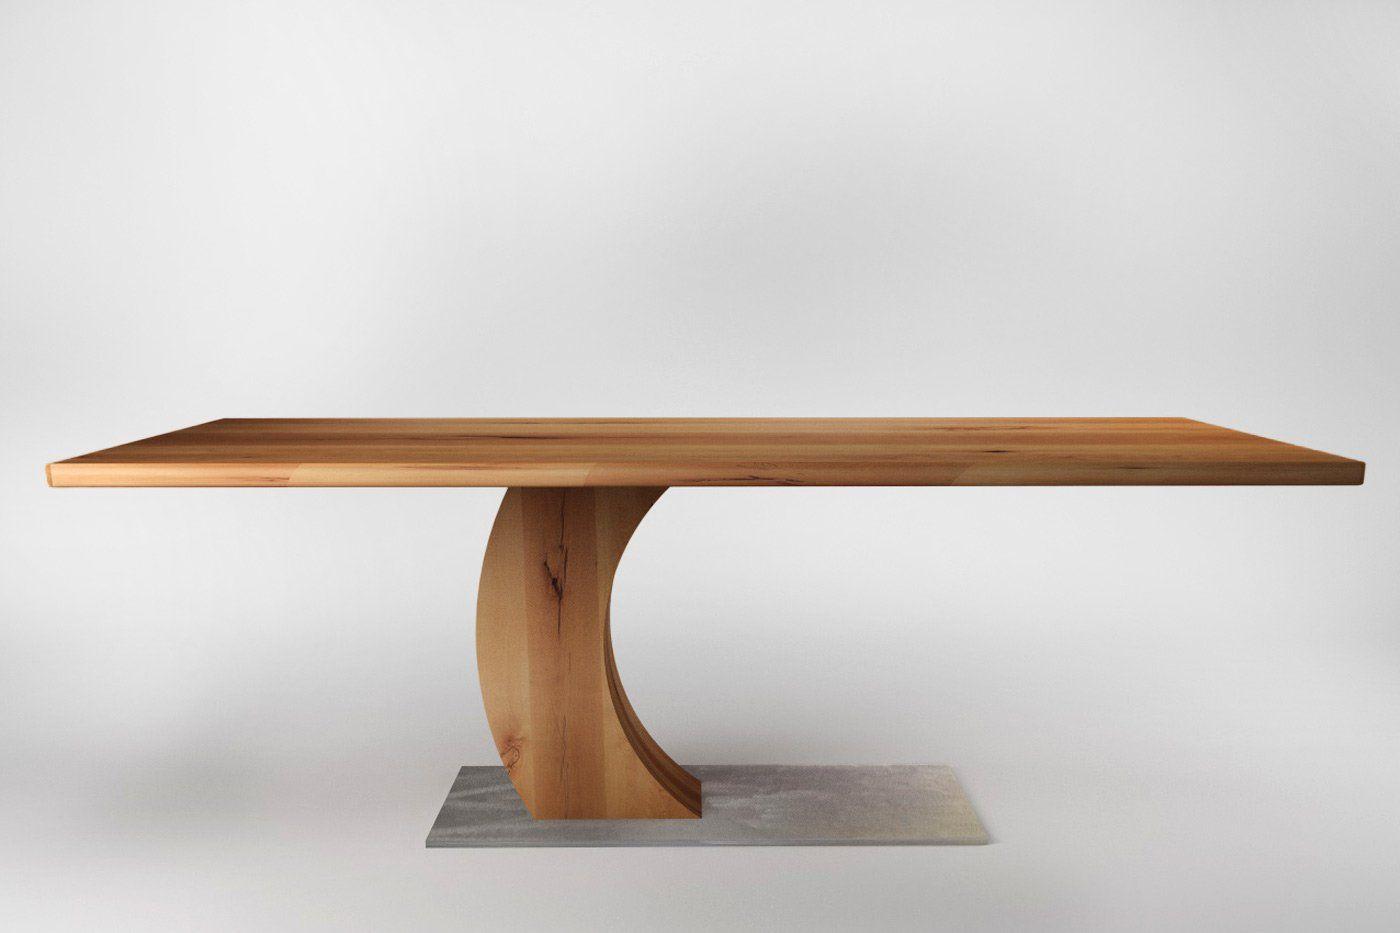 Tisch Buche Ravid Nach Mass Wohnsektion Tisch Holztisch Esstisch Holz